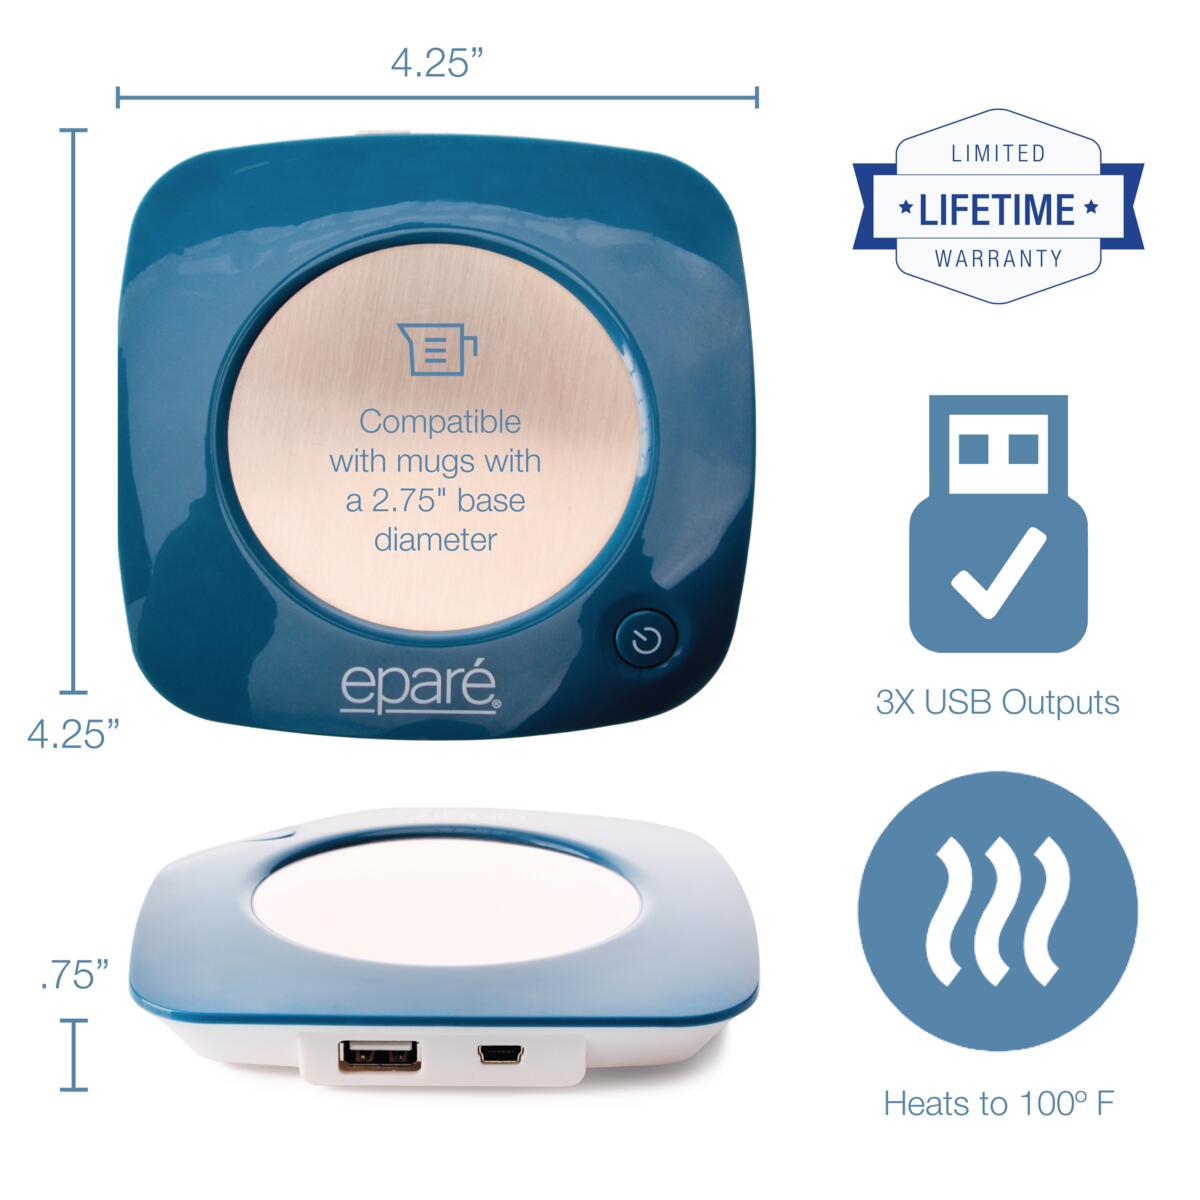 Eparé USB Mug Warmer 2.0